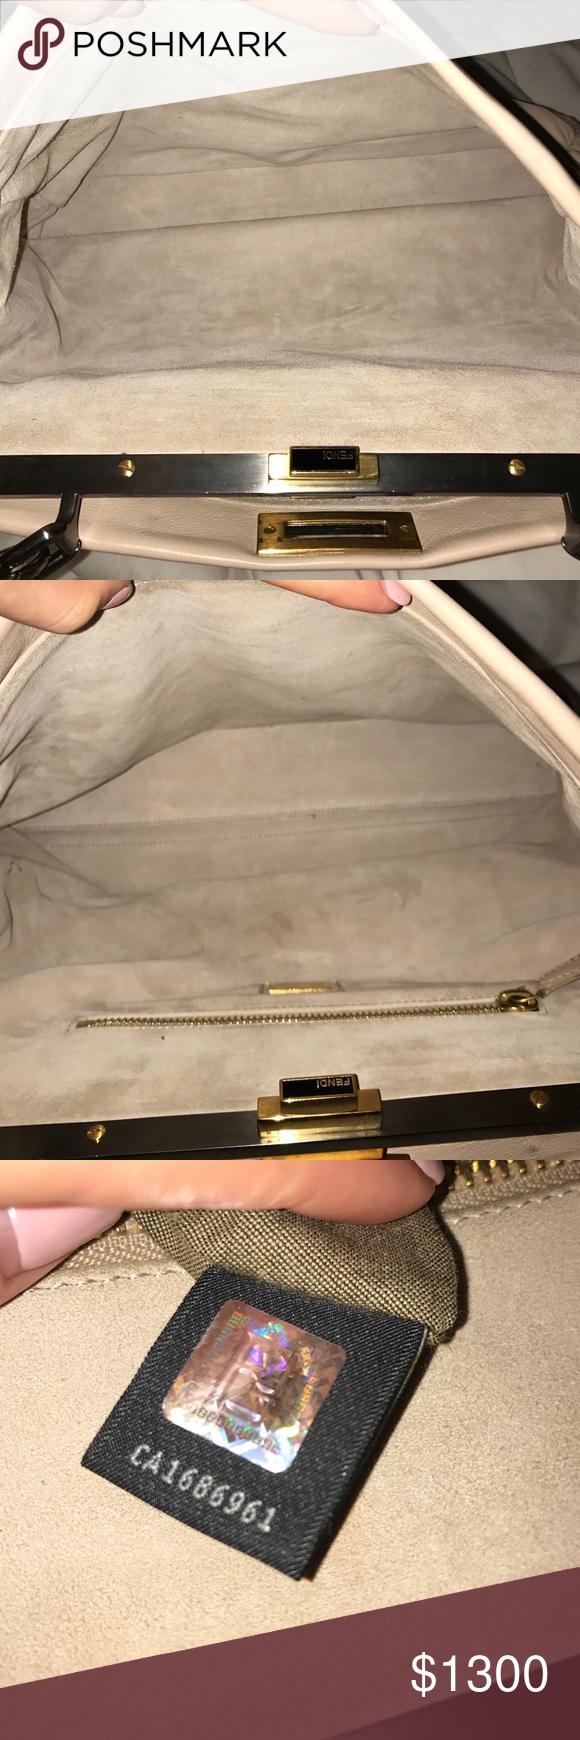 Spotted while shopping on Poshmark: Fendi extra pics! #poshmark #fashion #shopping #style #Fendi #Handbags